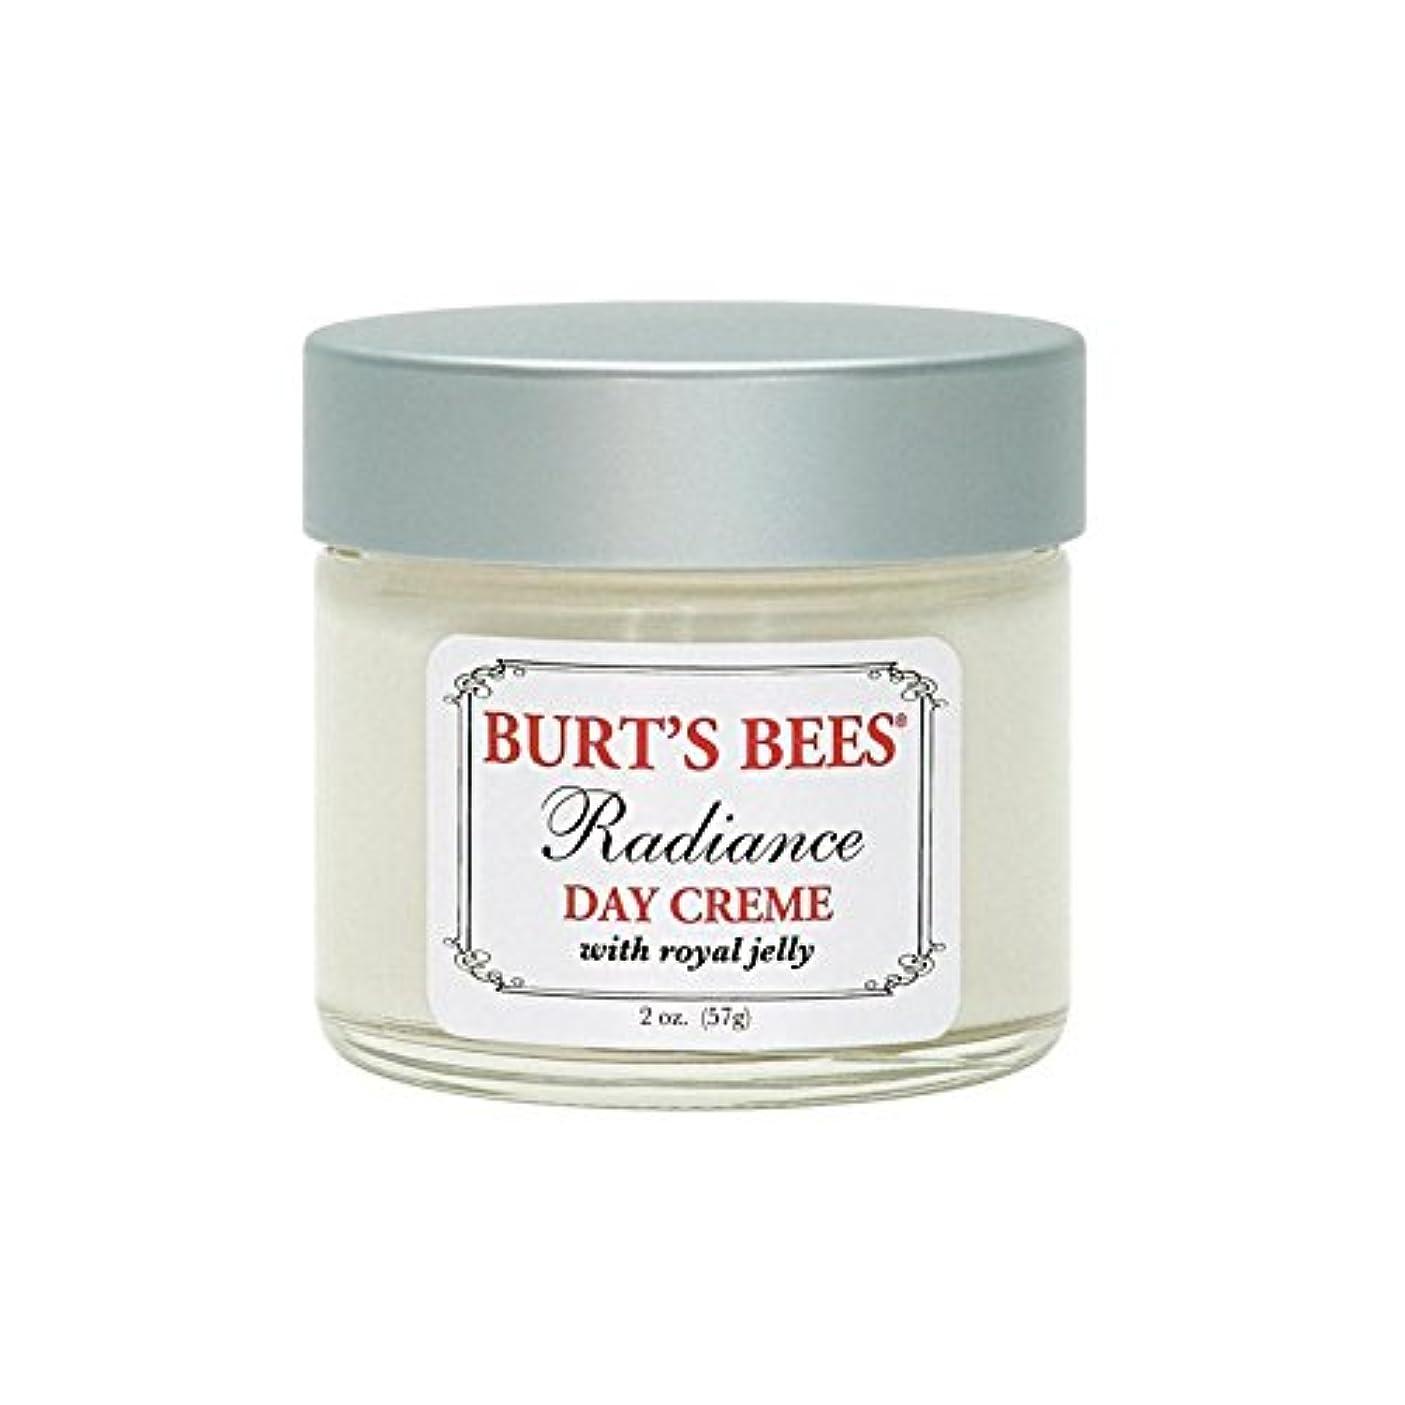 口あいまい規則性Burt's Bees Radiance Day Creme (57G) - バーツビー放射輝度デイクリーム(57グラム) [並行輸入品]